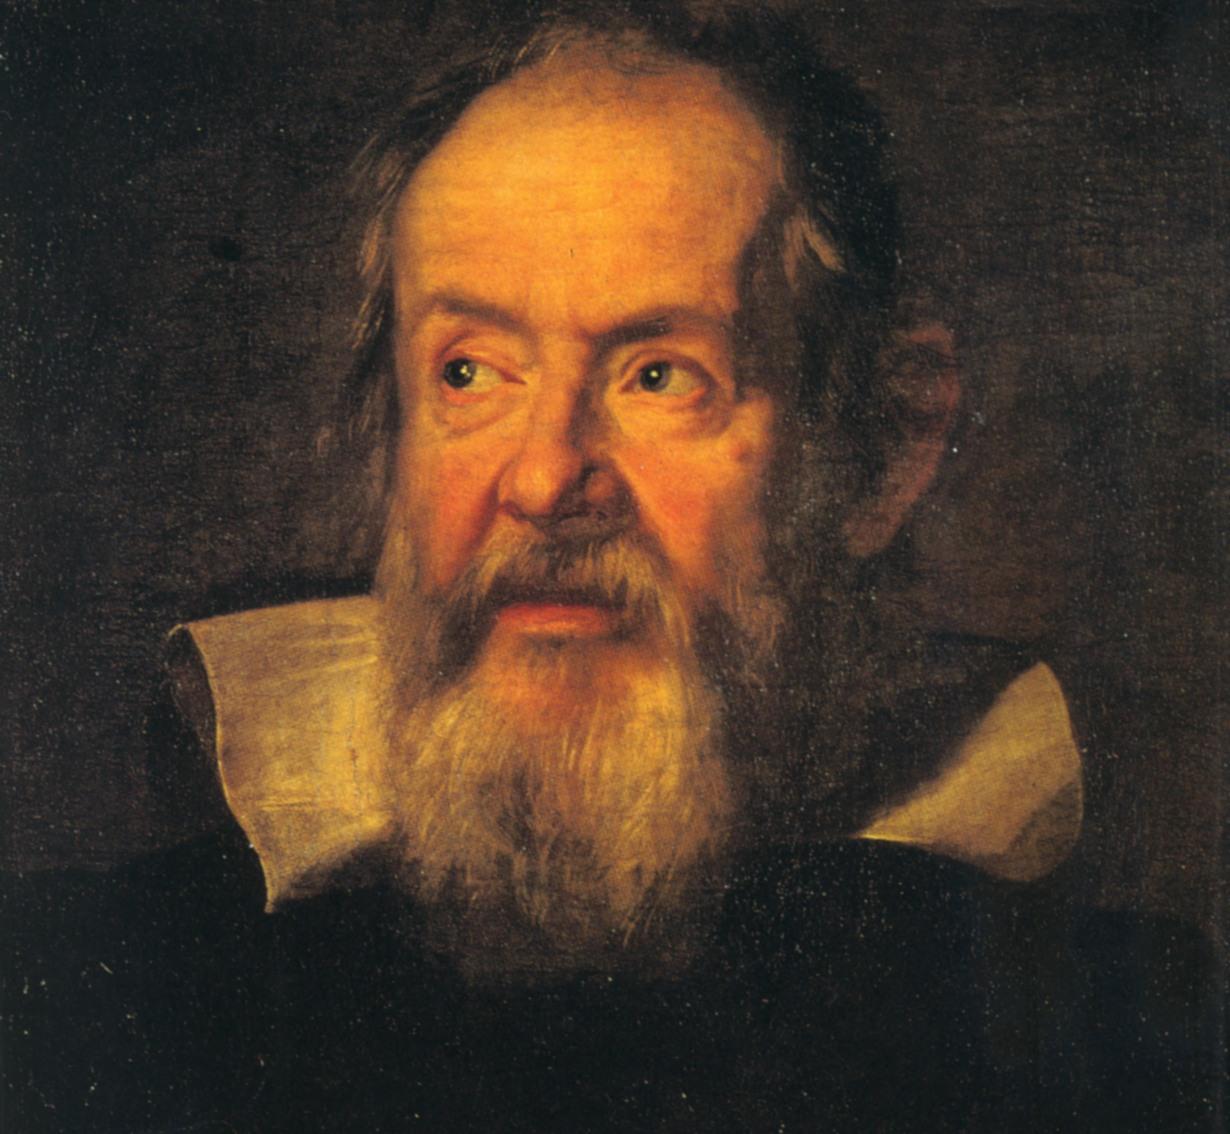 https://upload.wikimedia.org/wikipedia/commons/b/b0/Galileo-sustermans.jpg